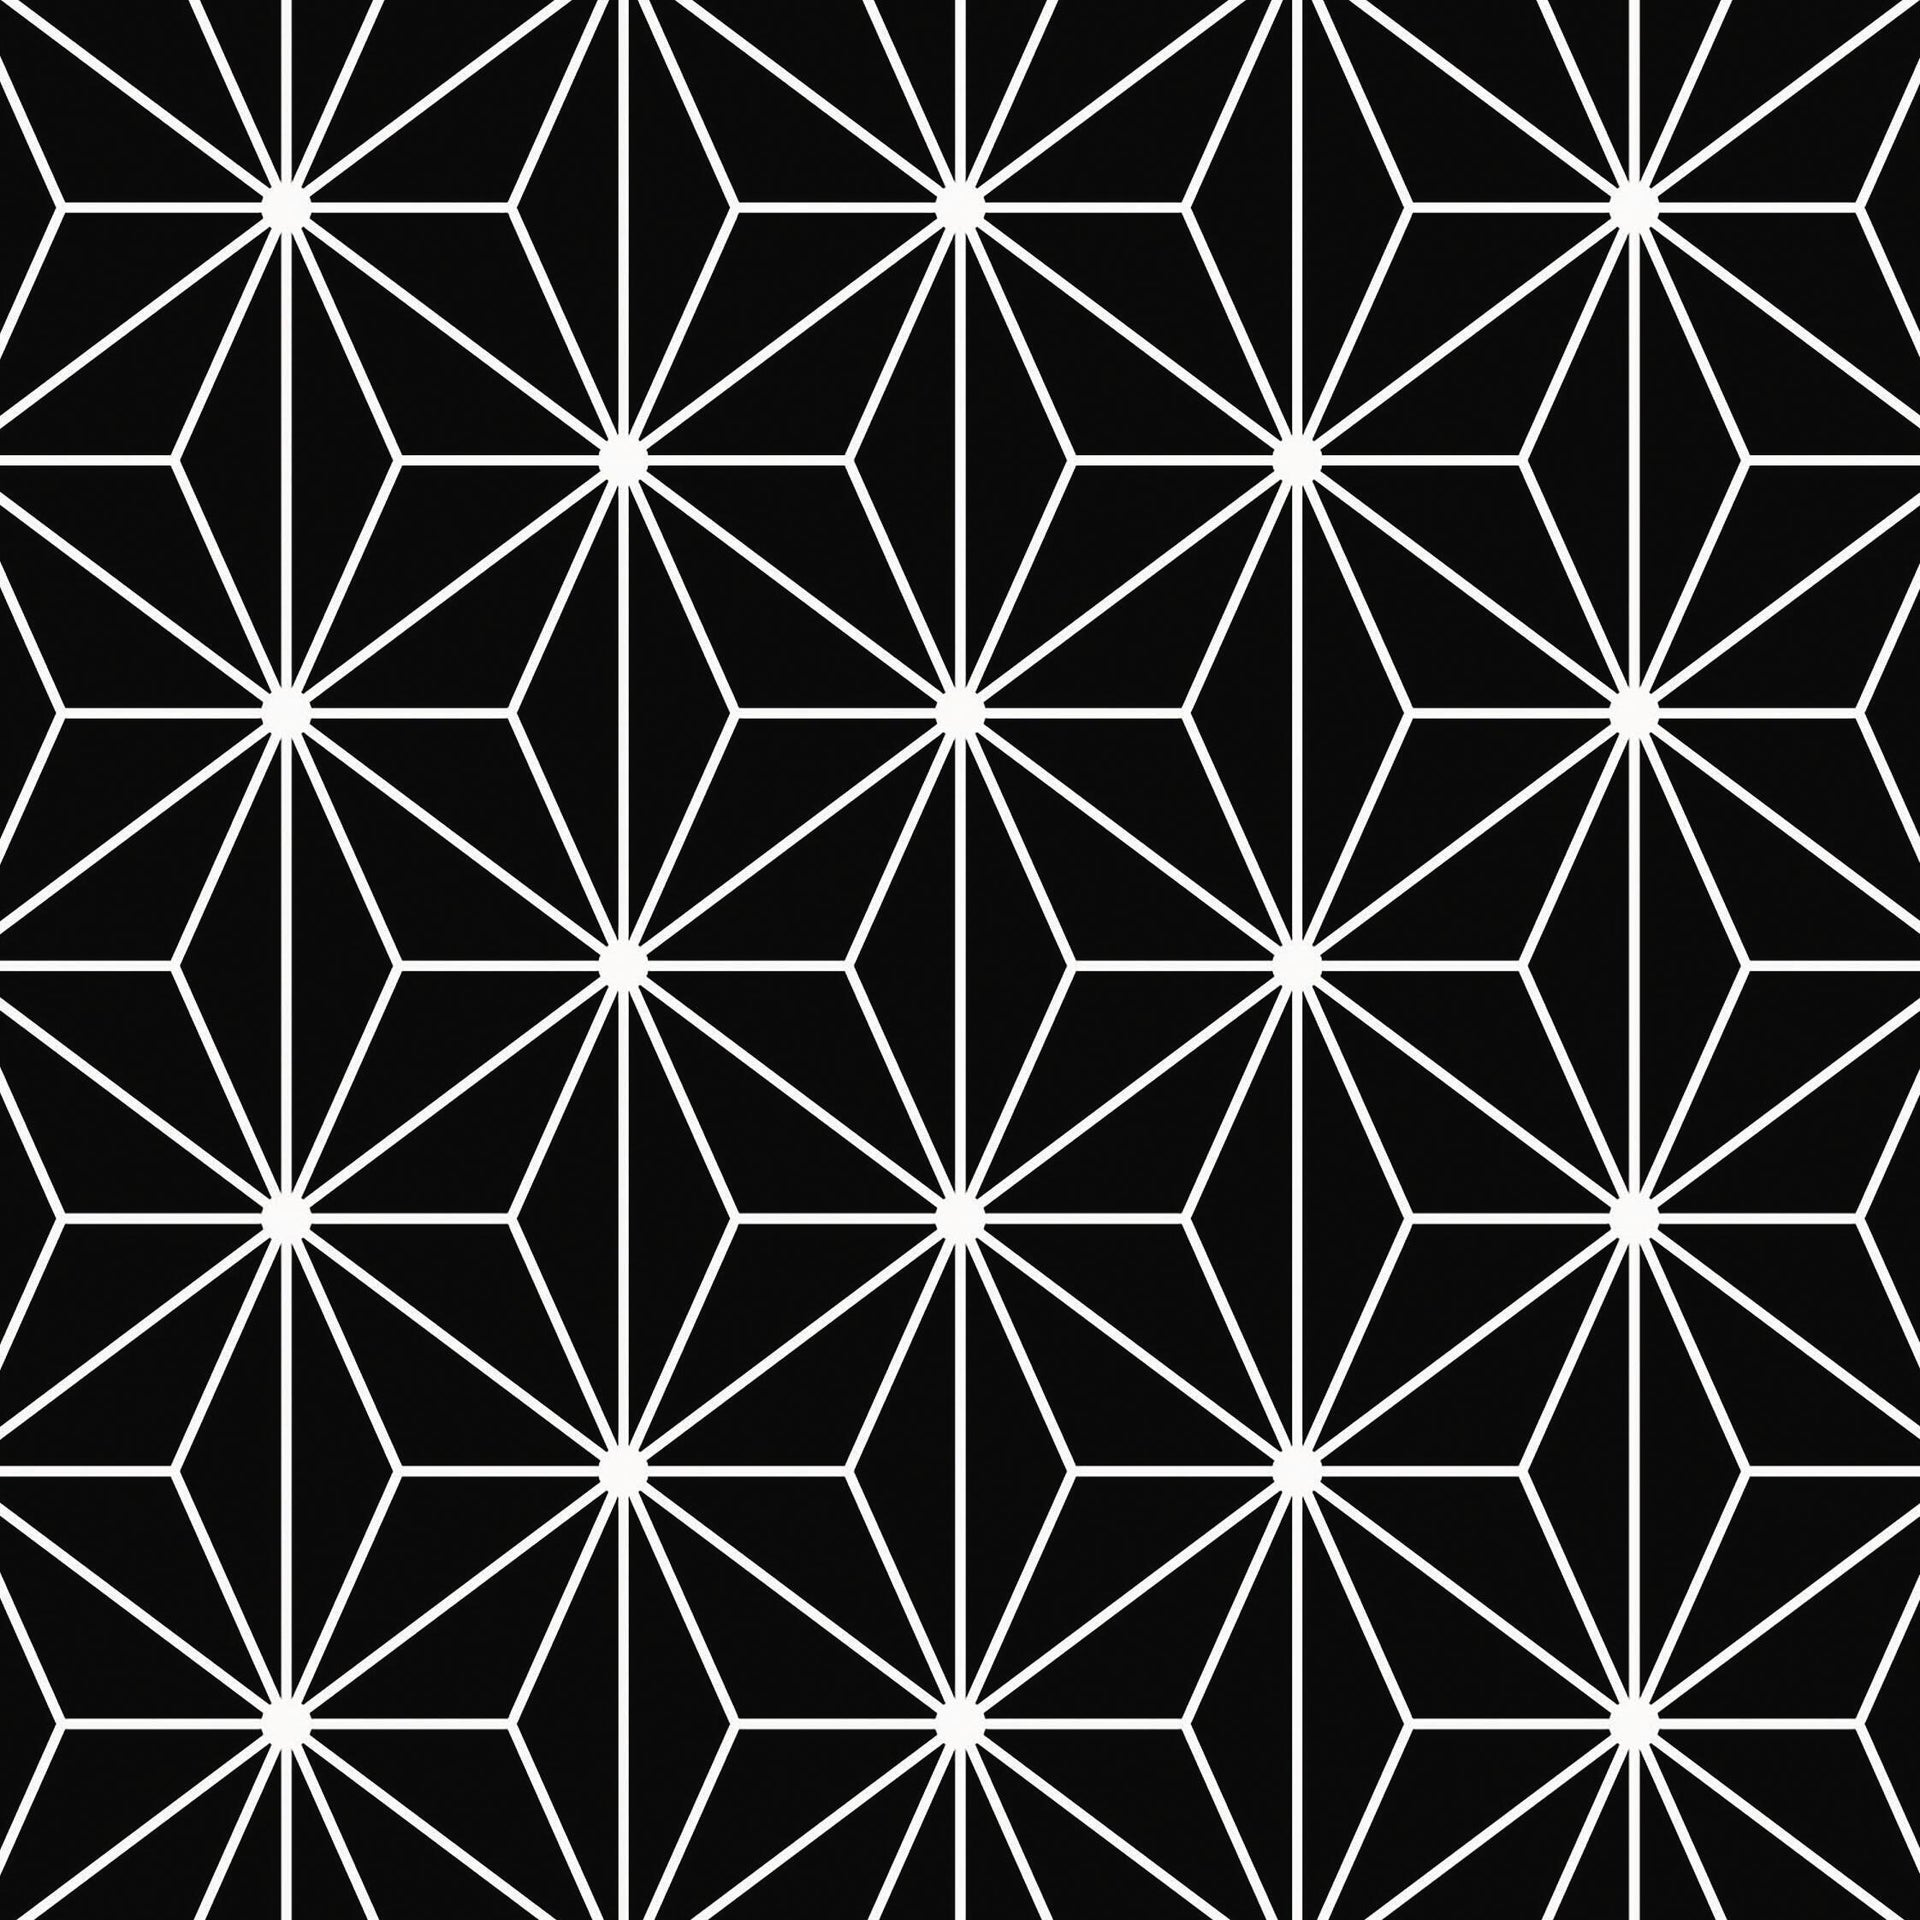 Piastrella decorativa Astuce 20 x 20 cm sp. 6.5 mm nero - 2